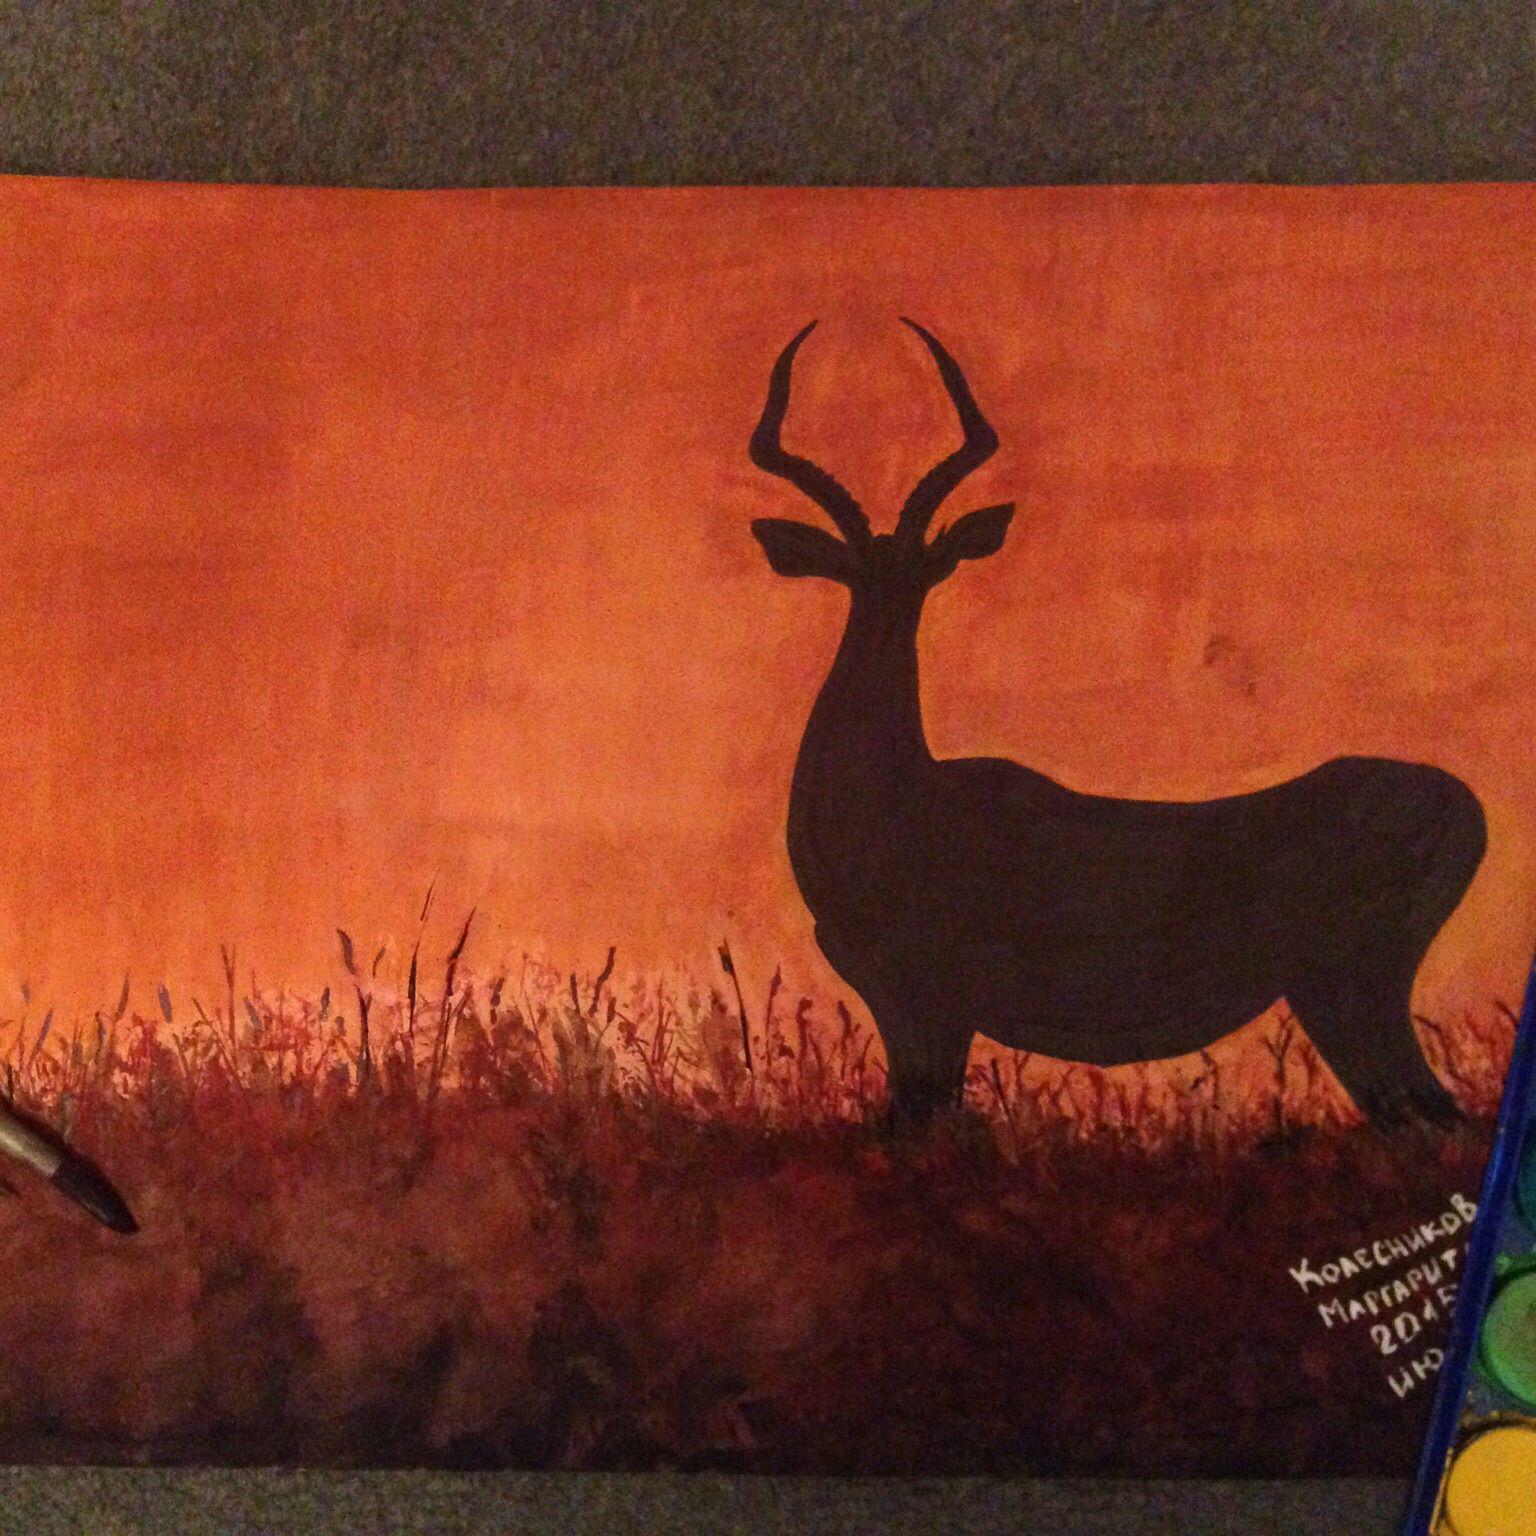 офис гостиная продаю интерьер дом дизайн живопись бумага творчество акварельная арт искусство акварель картина подарок